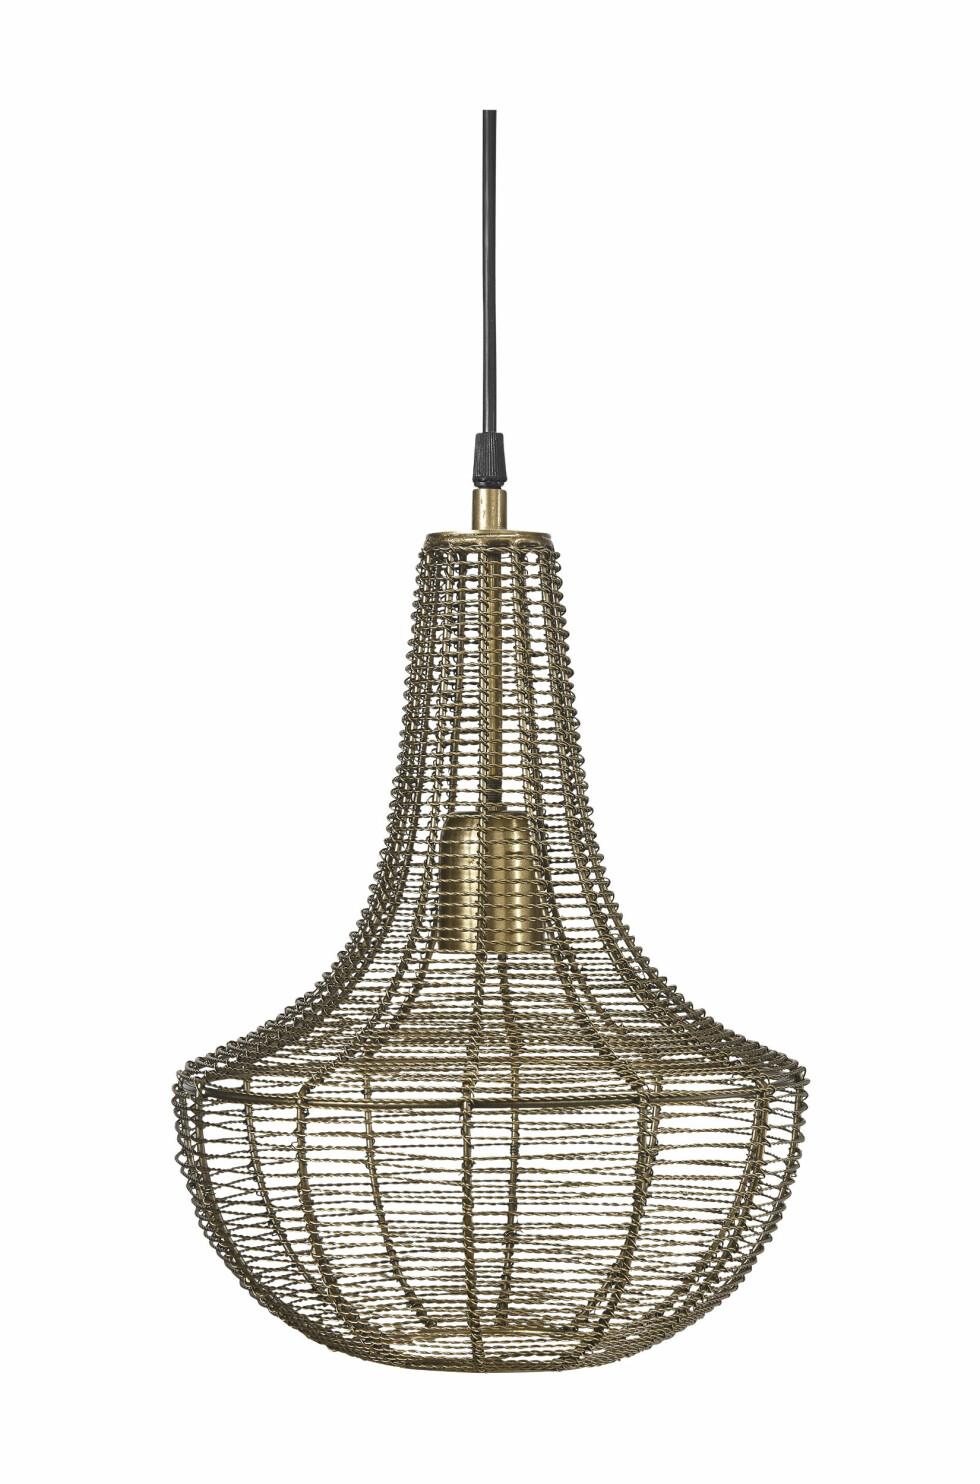 Lampen «Kingstown» mikser det klassiske og industristilen helt perfekt (kr 650, PR Home).